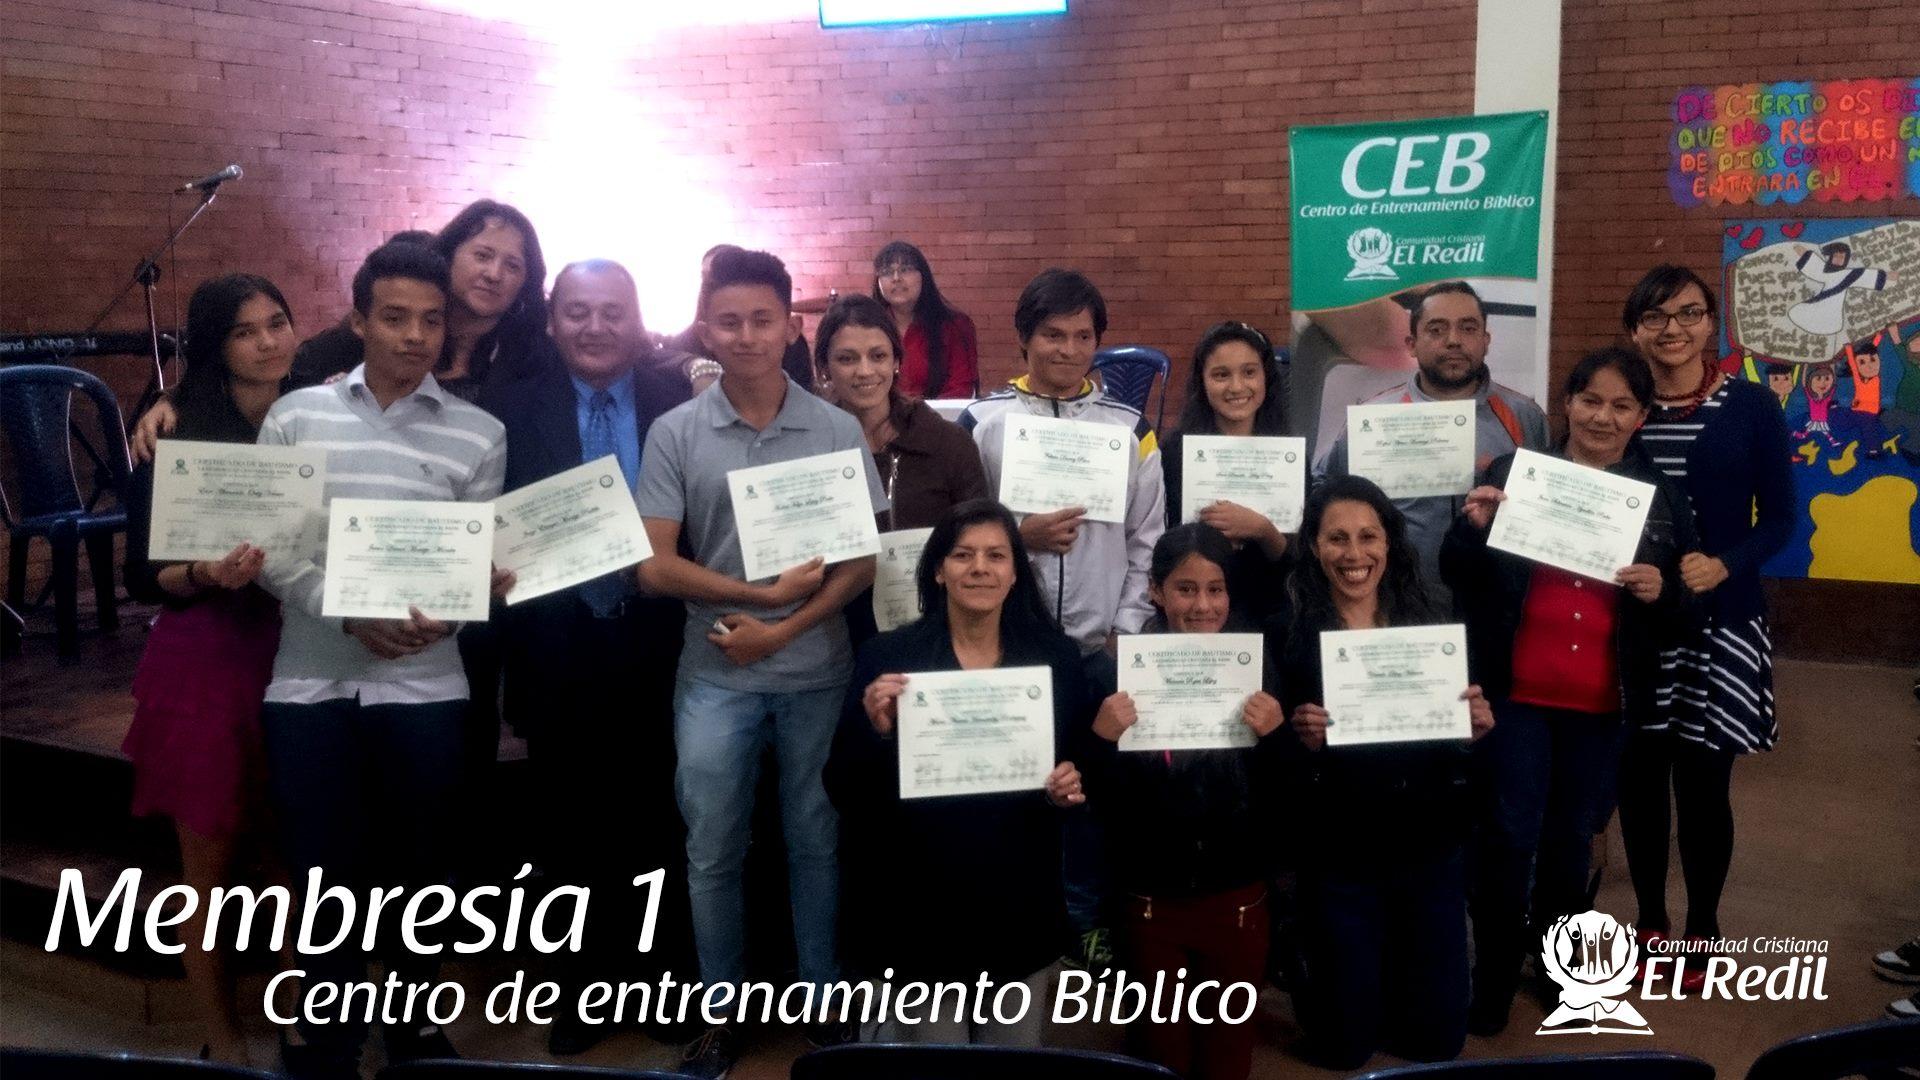 Centro de Entrenamiento Bíblico - Membresía 1